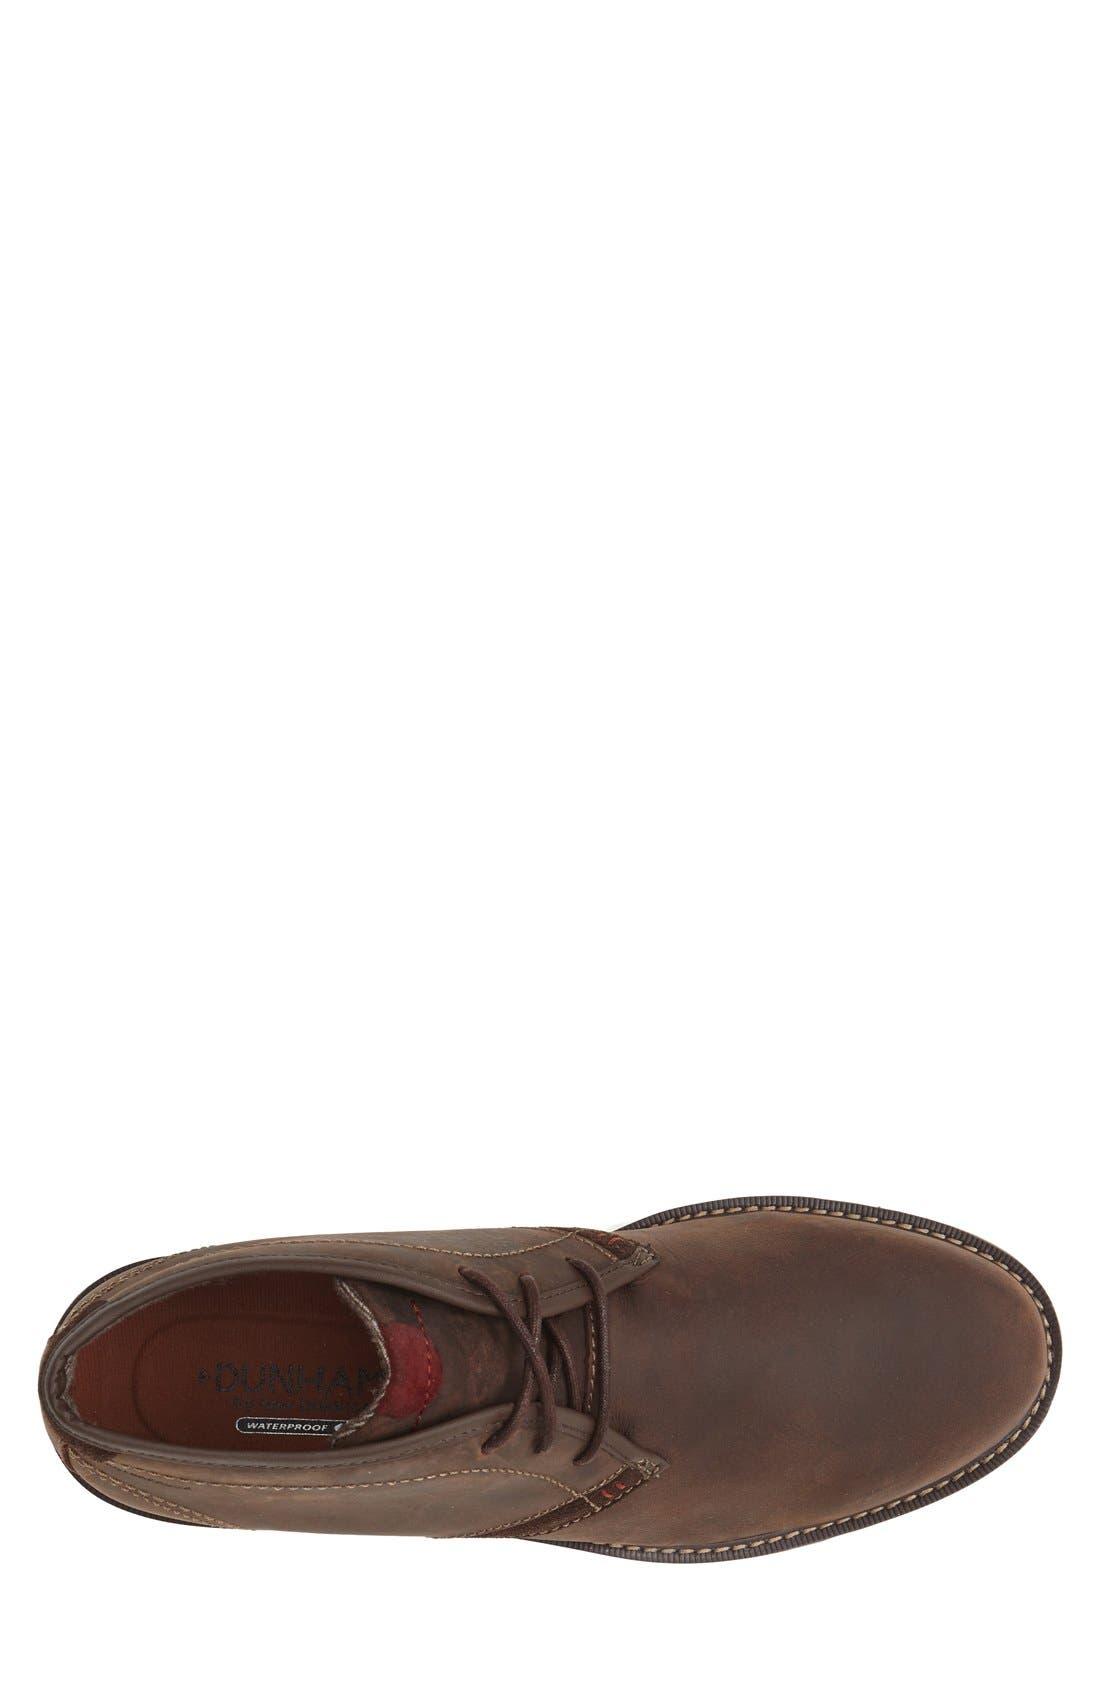 'REVdash' Chukka Boot,                             Alternate thumbnail 3, color,                             Brown